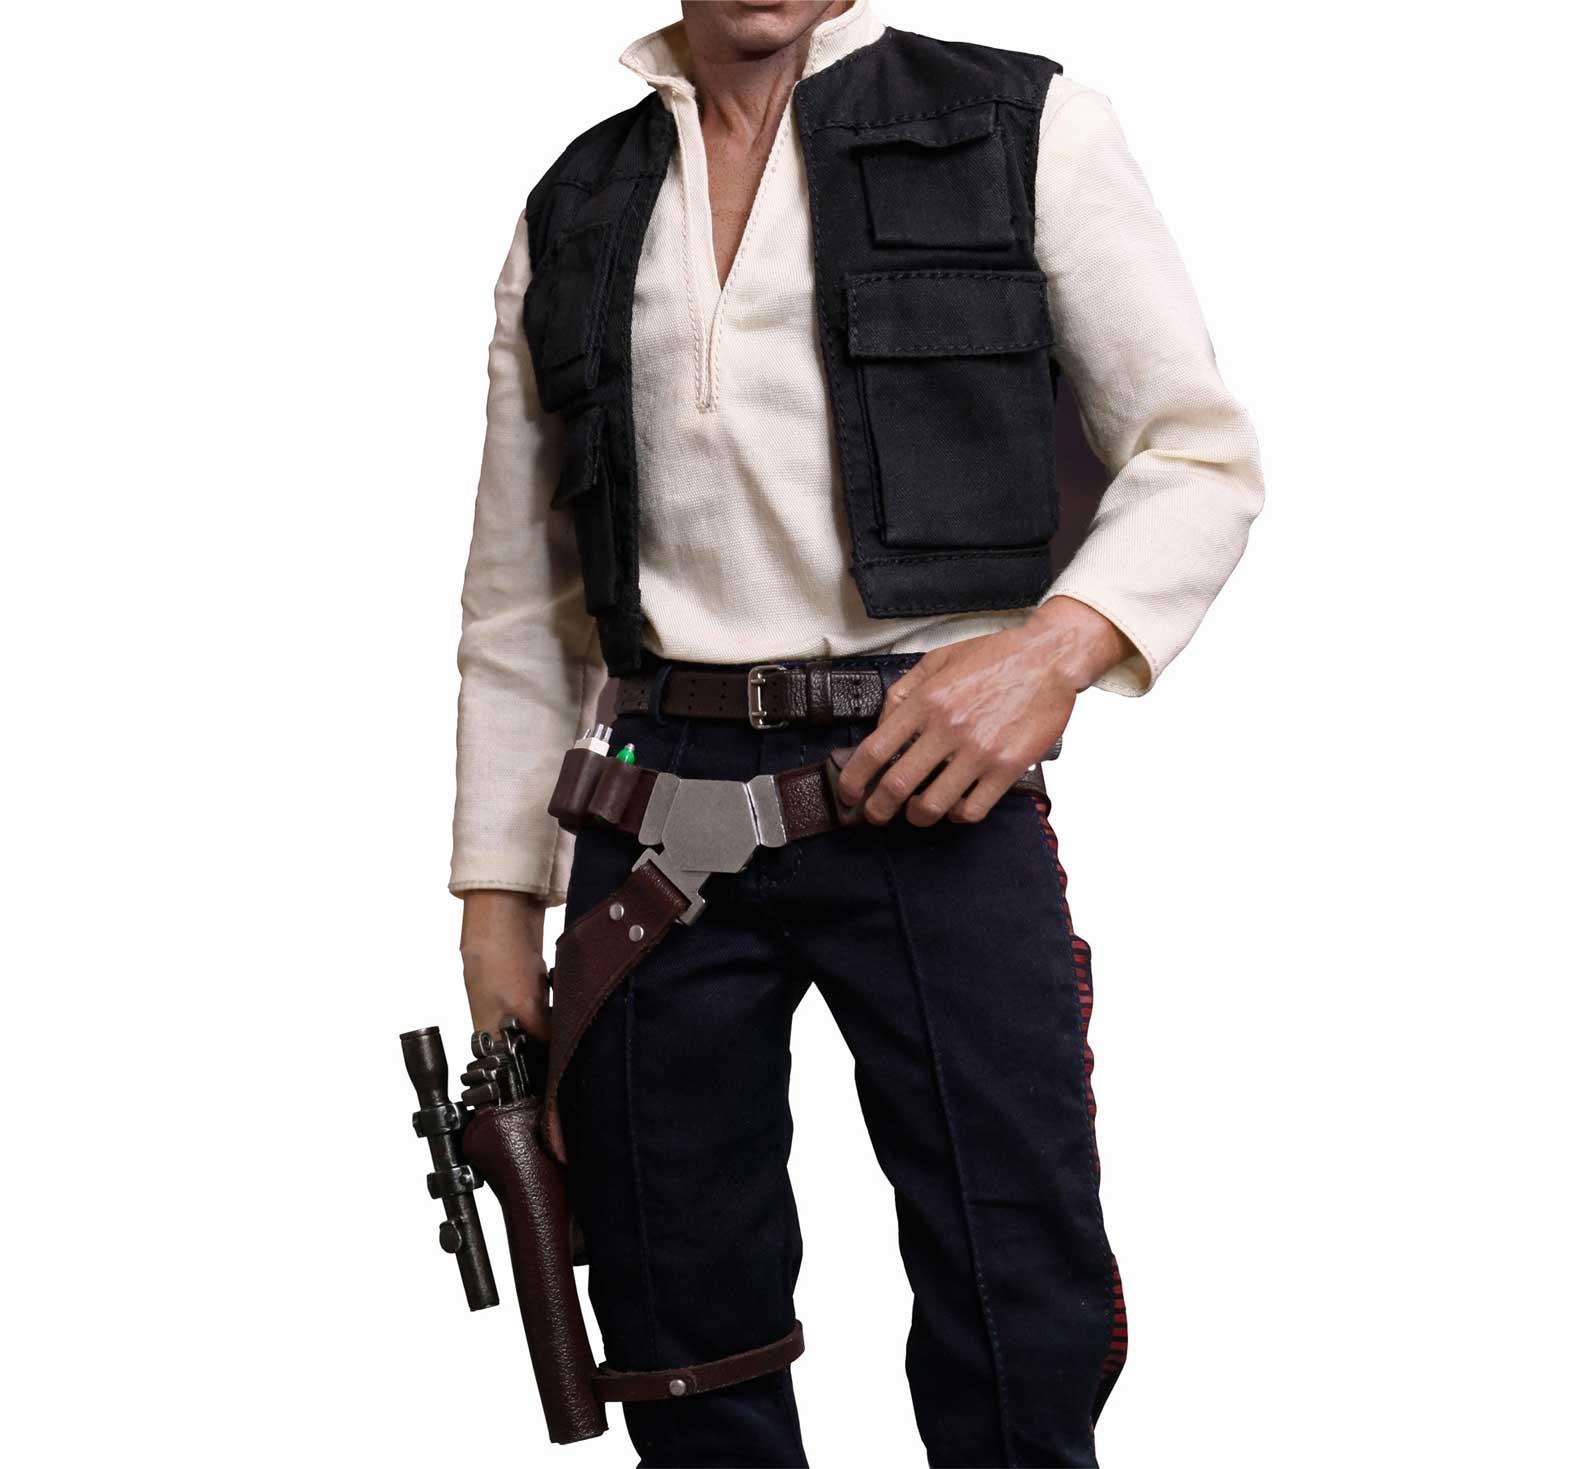 Han Solo Star Wars Costume Hire  Supazaar-7108